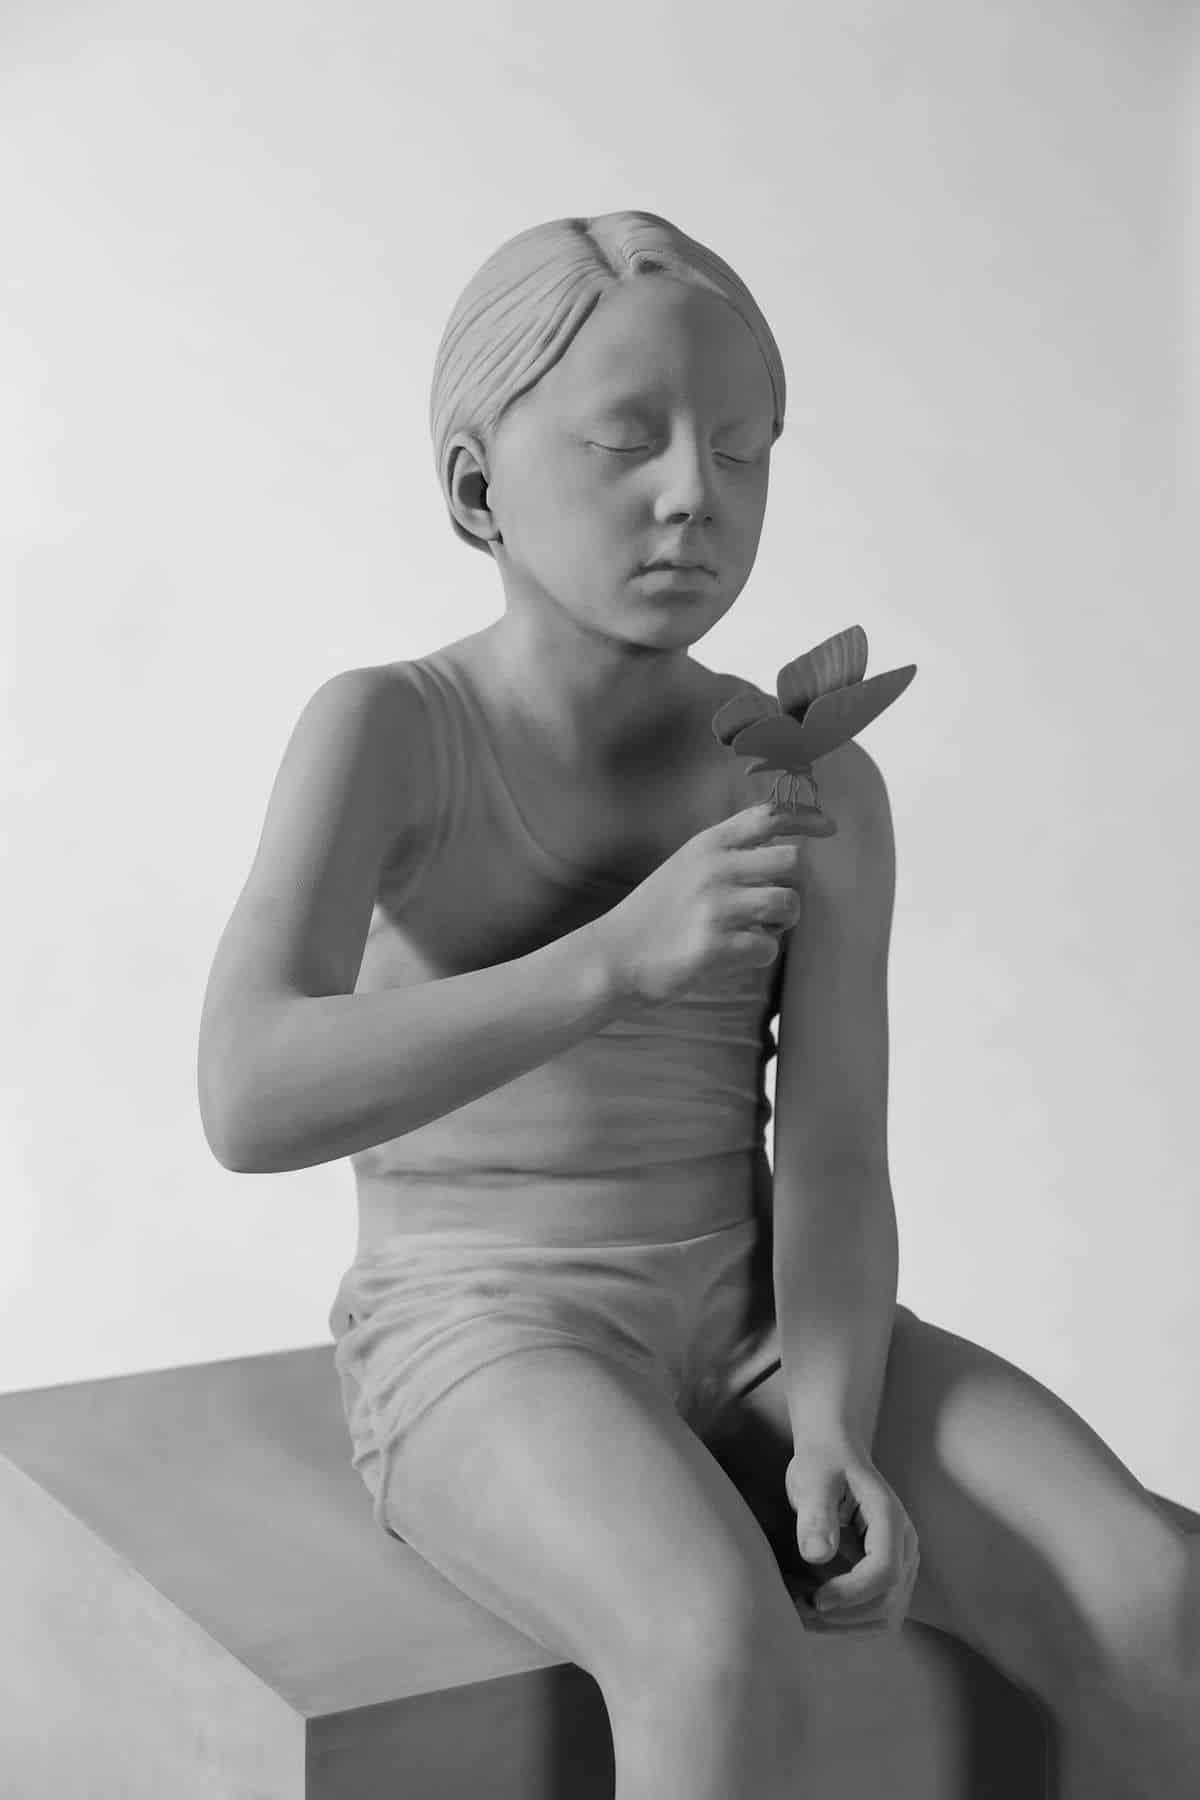 hans op de beeck sculpture 8